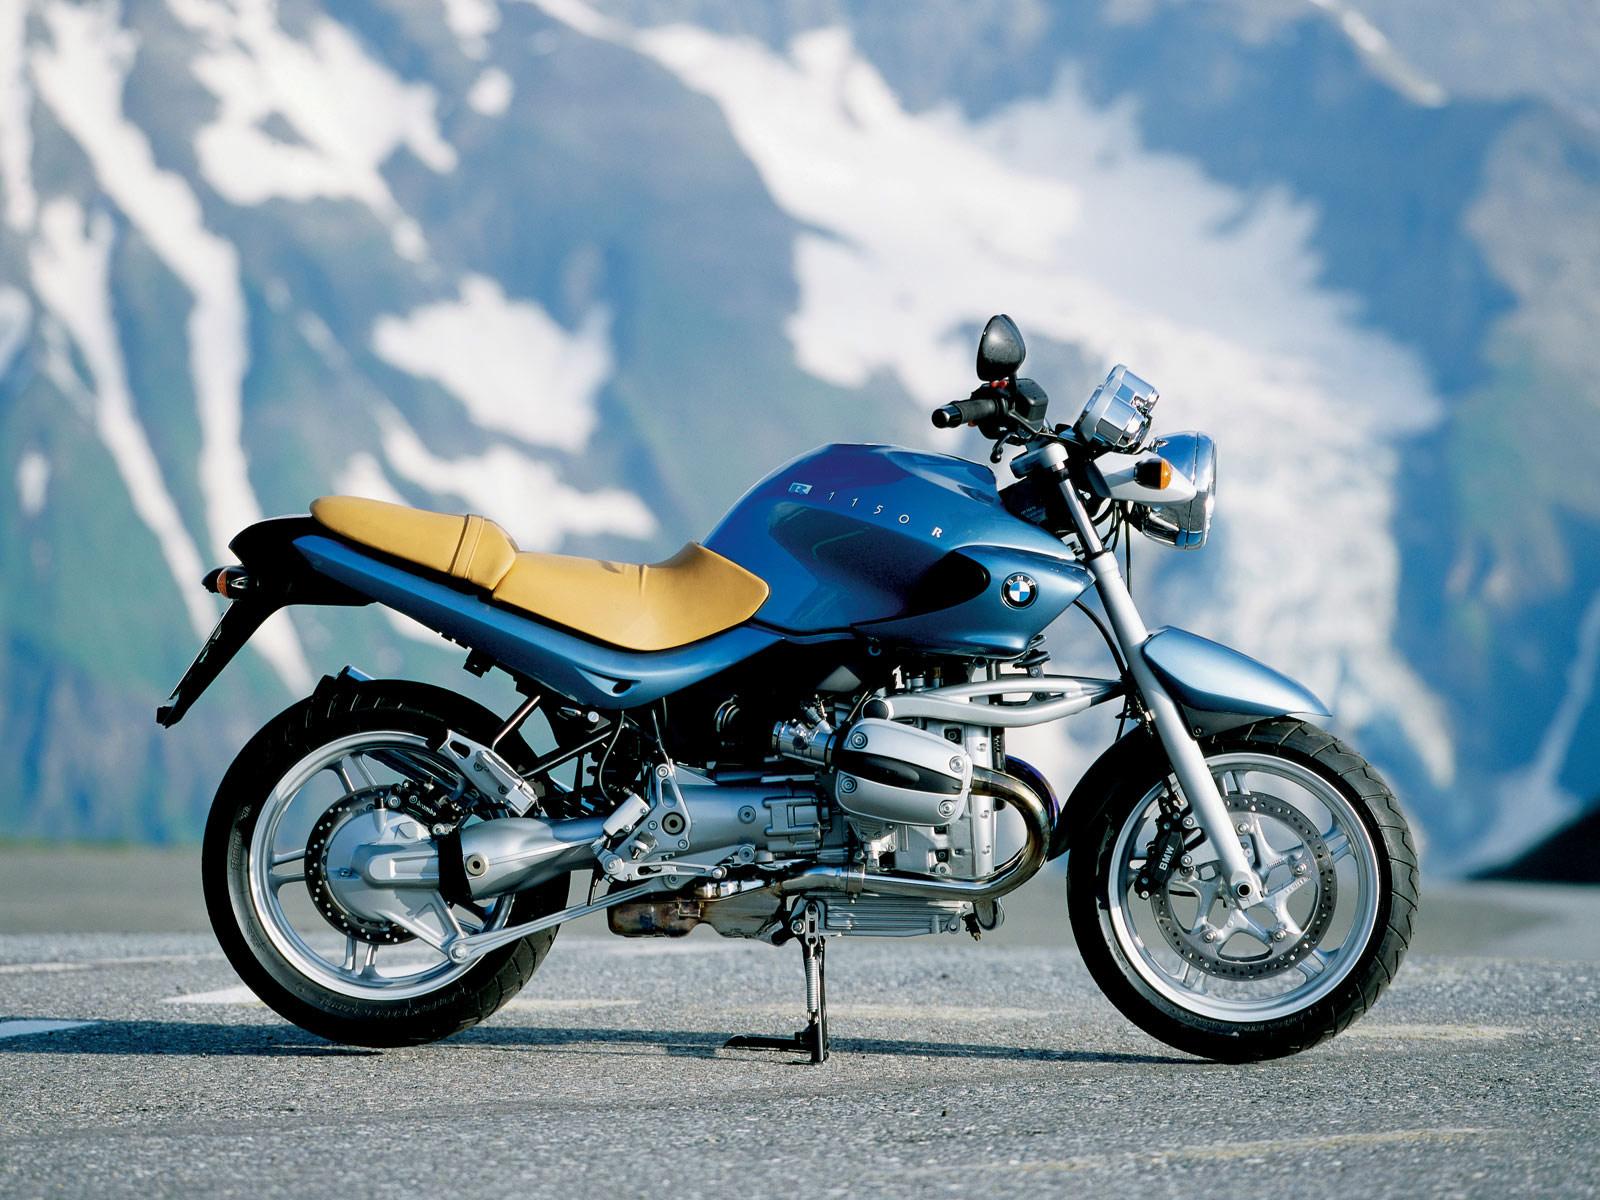 2000 bmw r1150r insurance info motorcycle desktop wallpaper. Black Bedroom Furniture Sets. Home Design Ideas